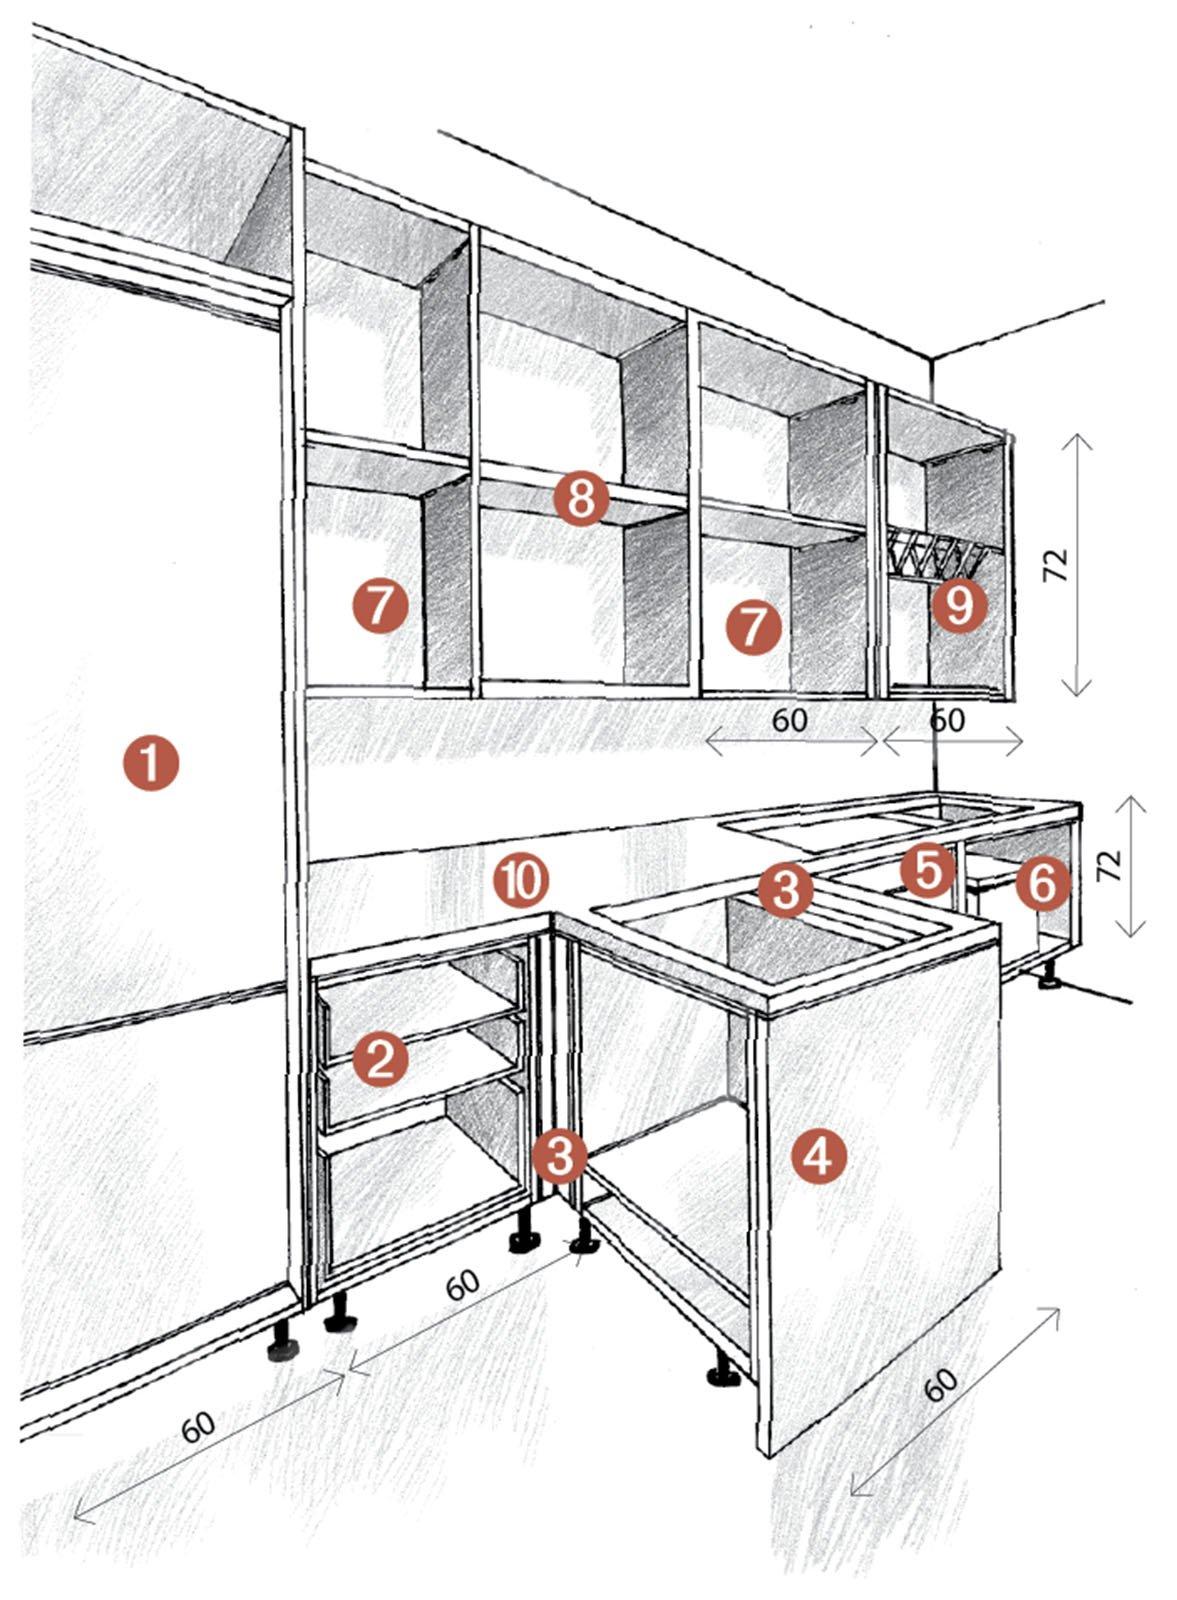 Cucina concentrata in 3 metri cose di casa - Pianta di una cucina ...